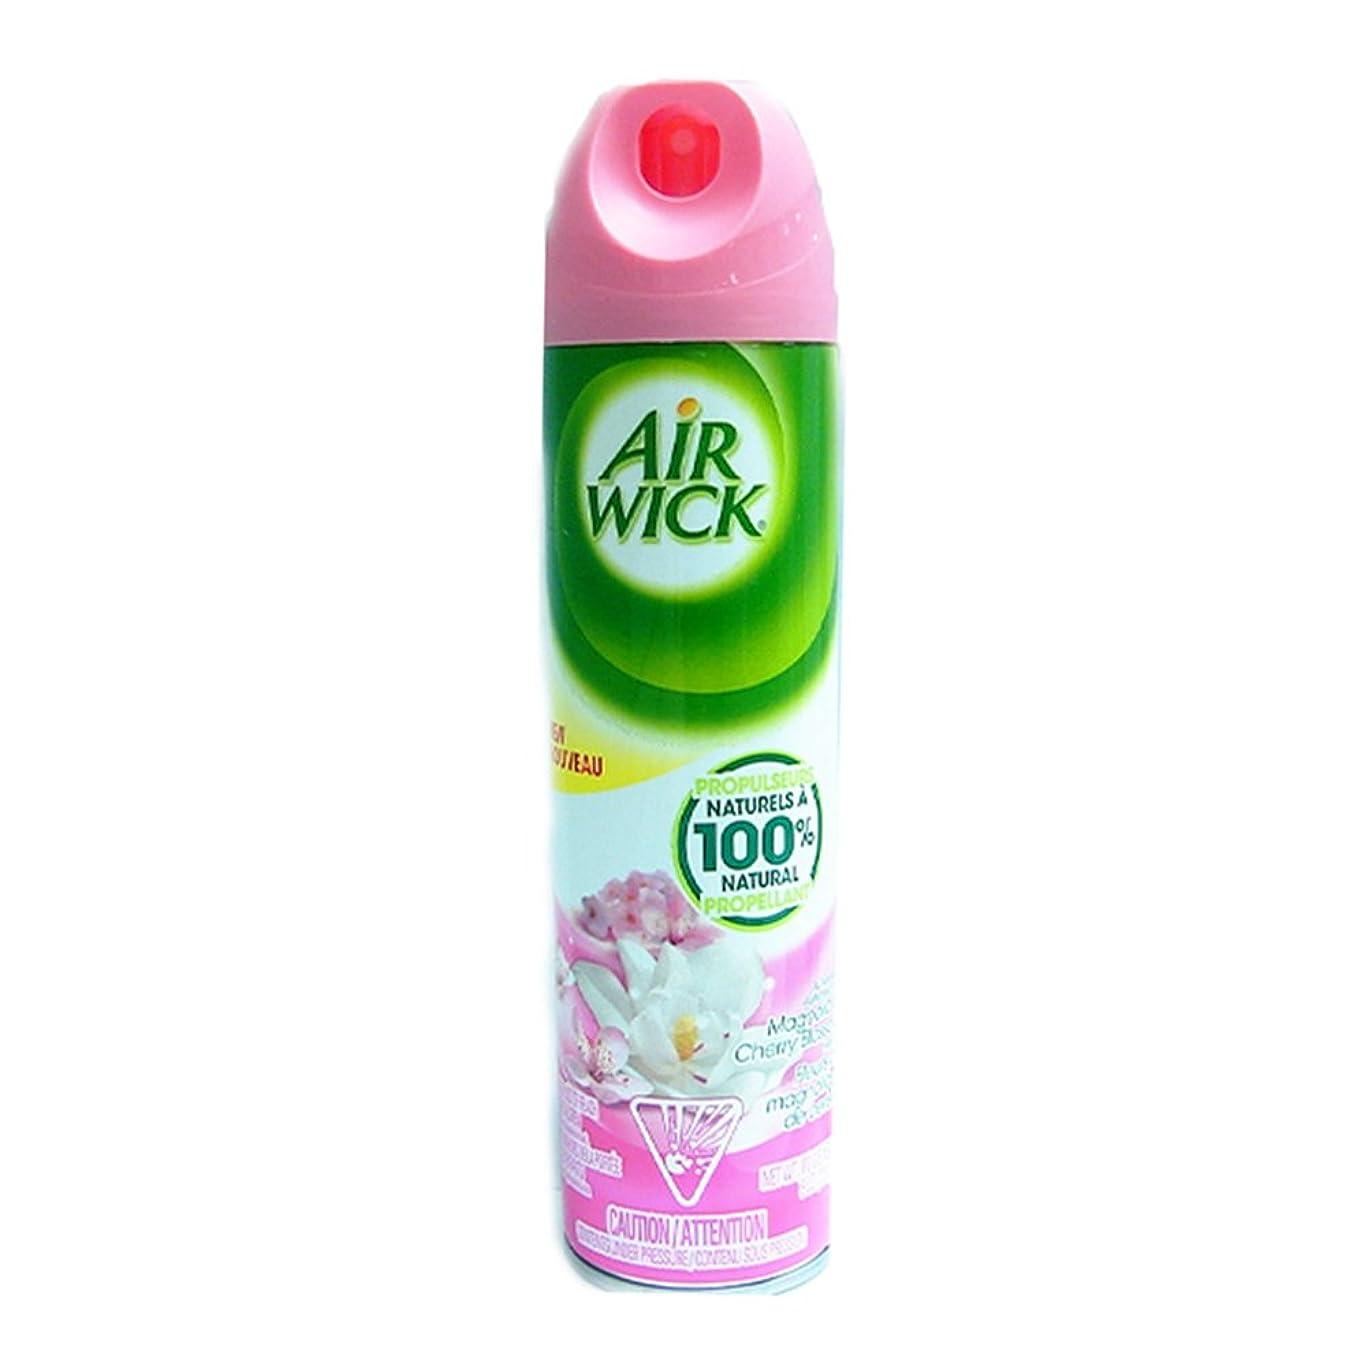 ビタミン一人で長老Air Wick Air Freshener 4?in 1?Magnolia and Cherry Blossom (226g) 8778976